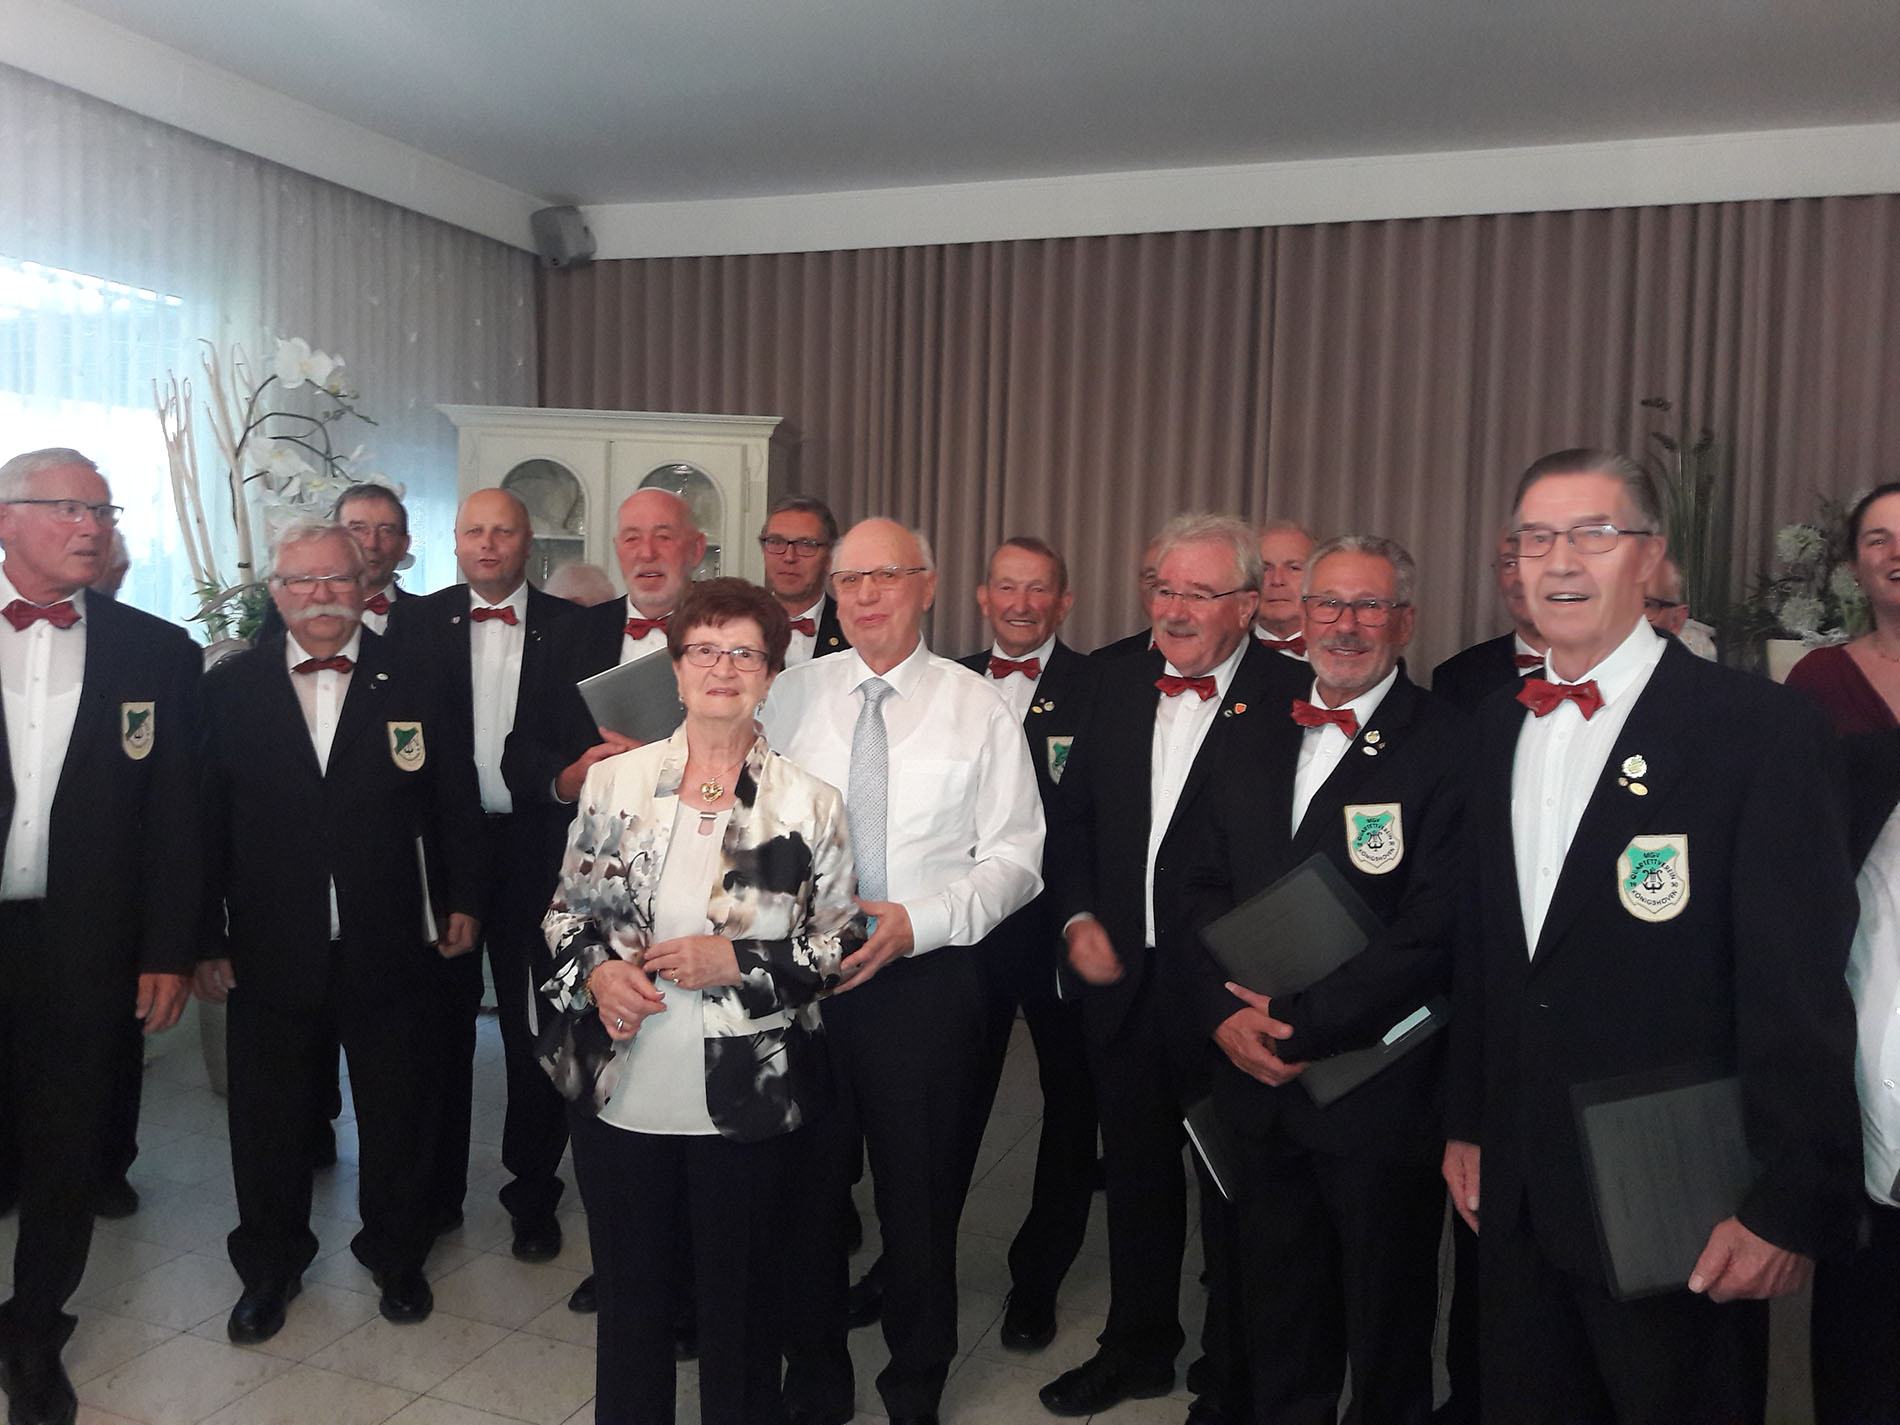 Sichtlich gerührt und erfreut waren die Gastgeber über den Überraschungsbesuch des Königshovener MGV - Überraschung gelungen!